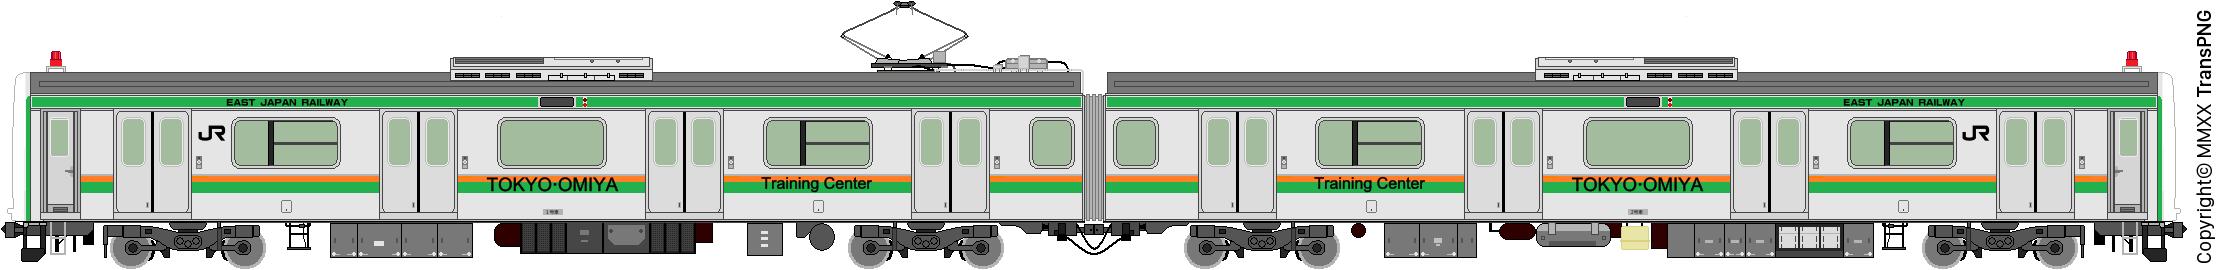 [5605] 東日本旅客鐵道 5605